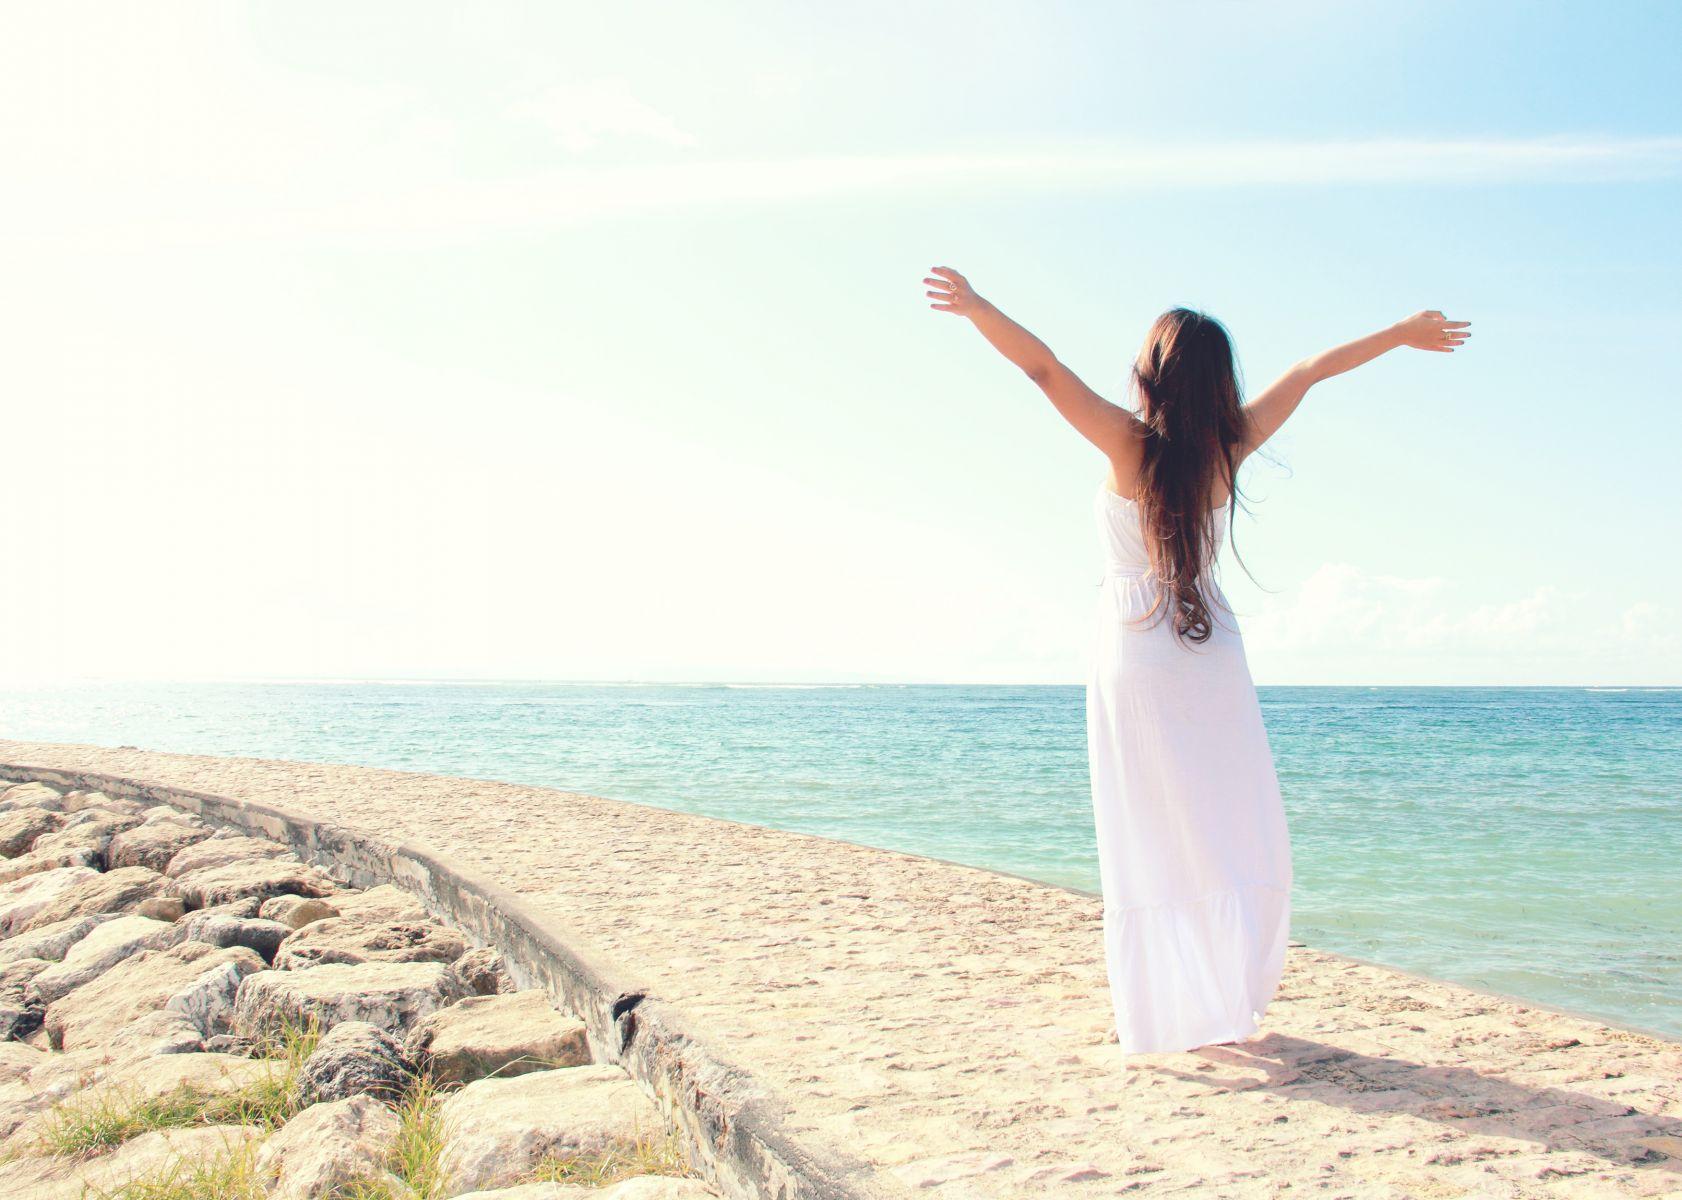 不被負面情緒綁架!專家教你這樣放掉雜念,心靈安定好幸福